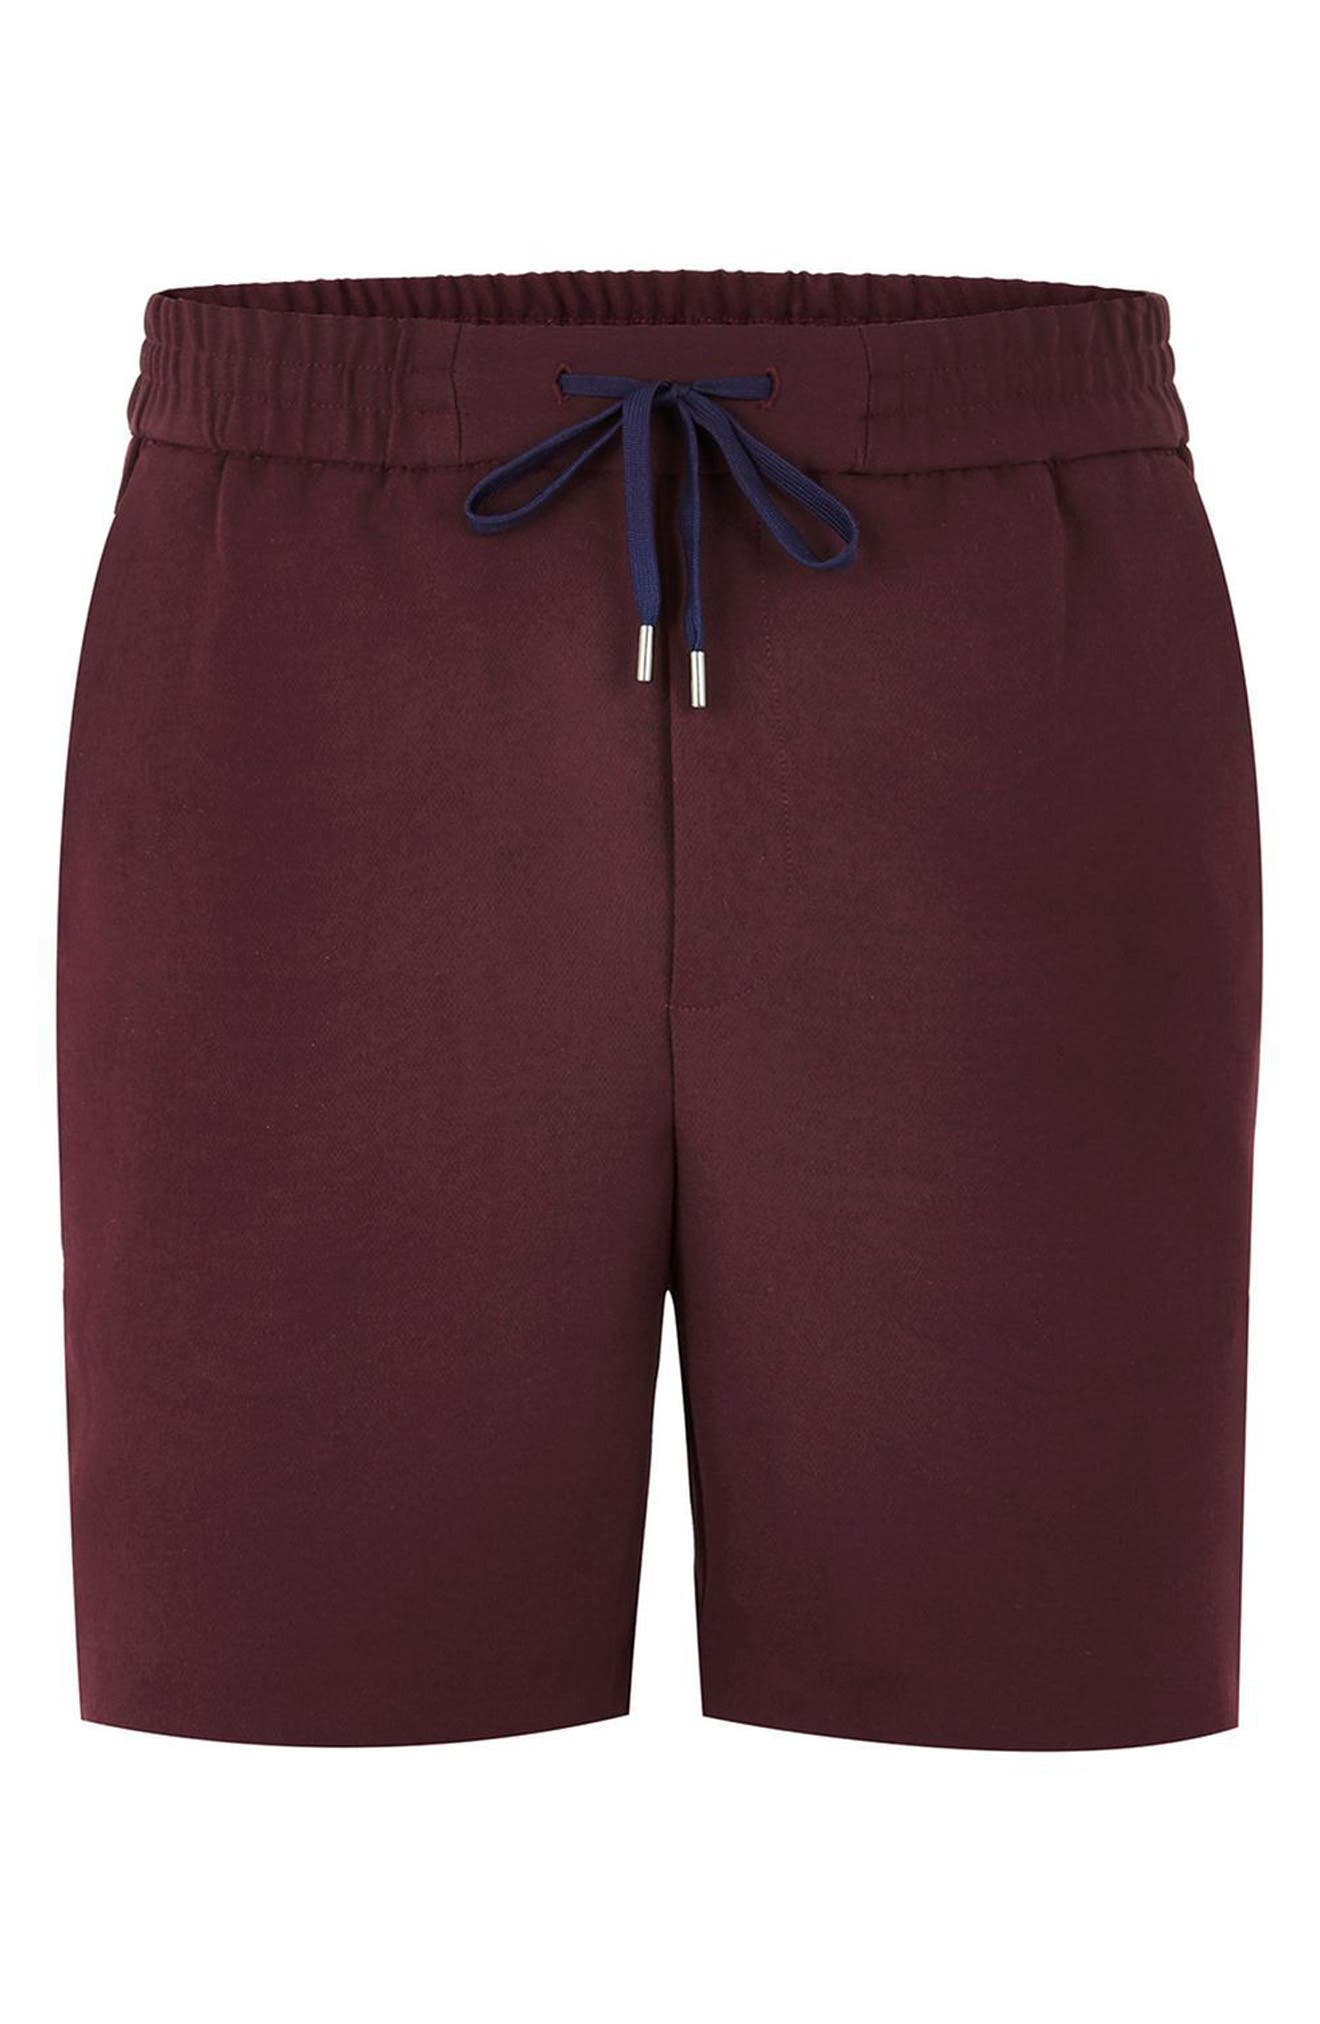 Satin Stripe Shorts,                             Alternate thumbnail 4, color,                             500